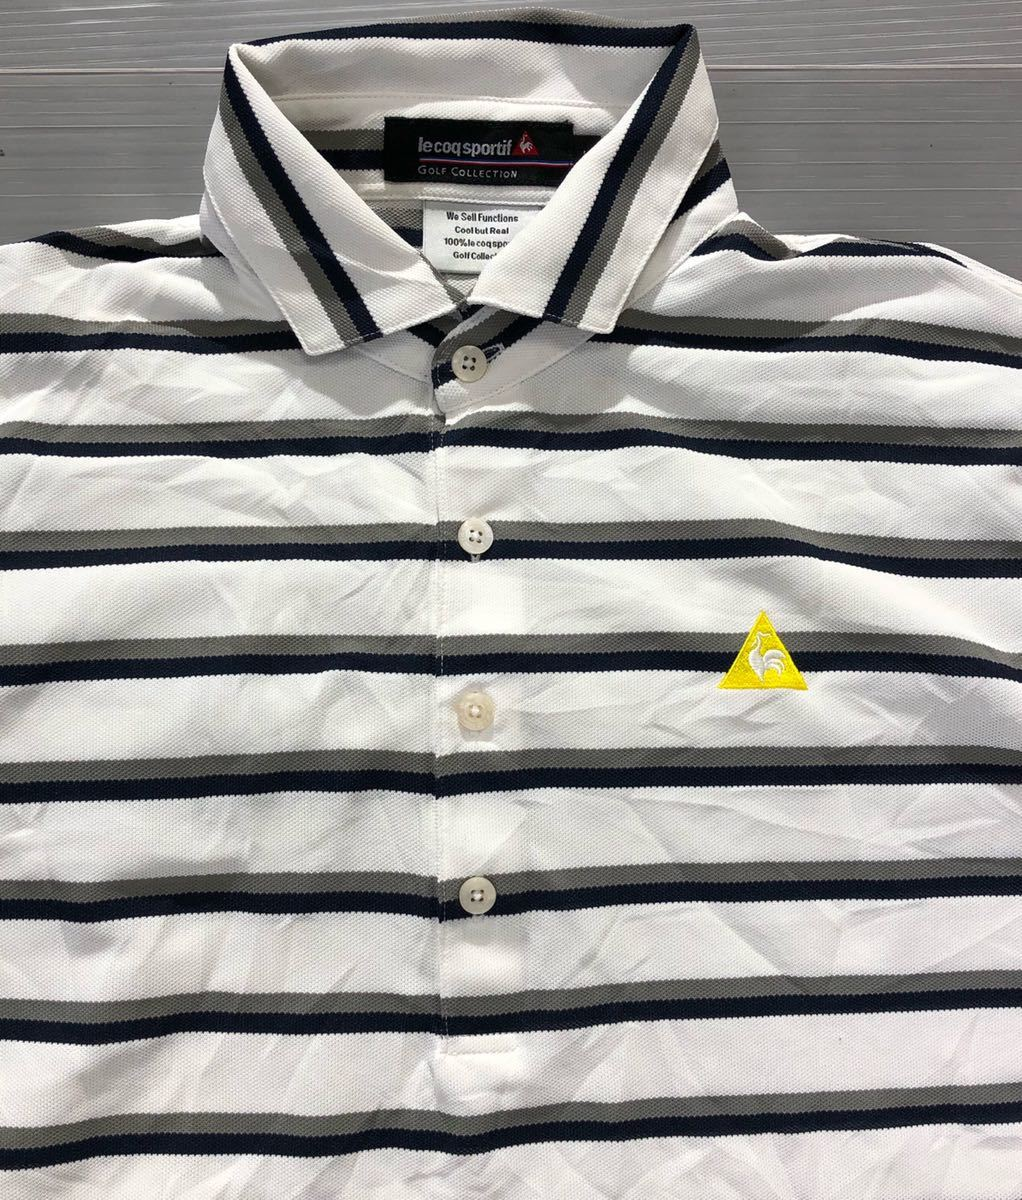 《le coq sportif GOLF ルコックゴルフ》ホワイトライン ロゴ刺繍 ボーダー柄 半袖 ポロシャツ ホワイト×グレー×ブラック L_画像4